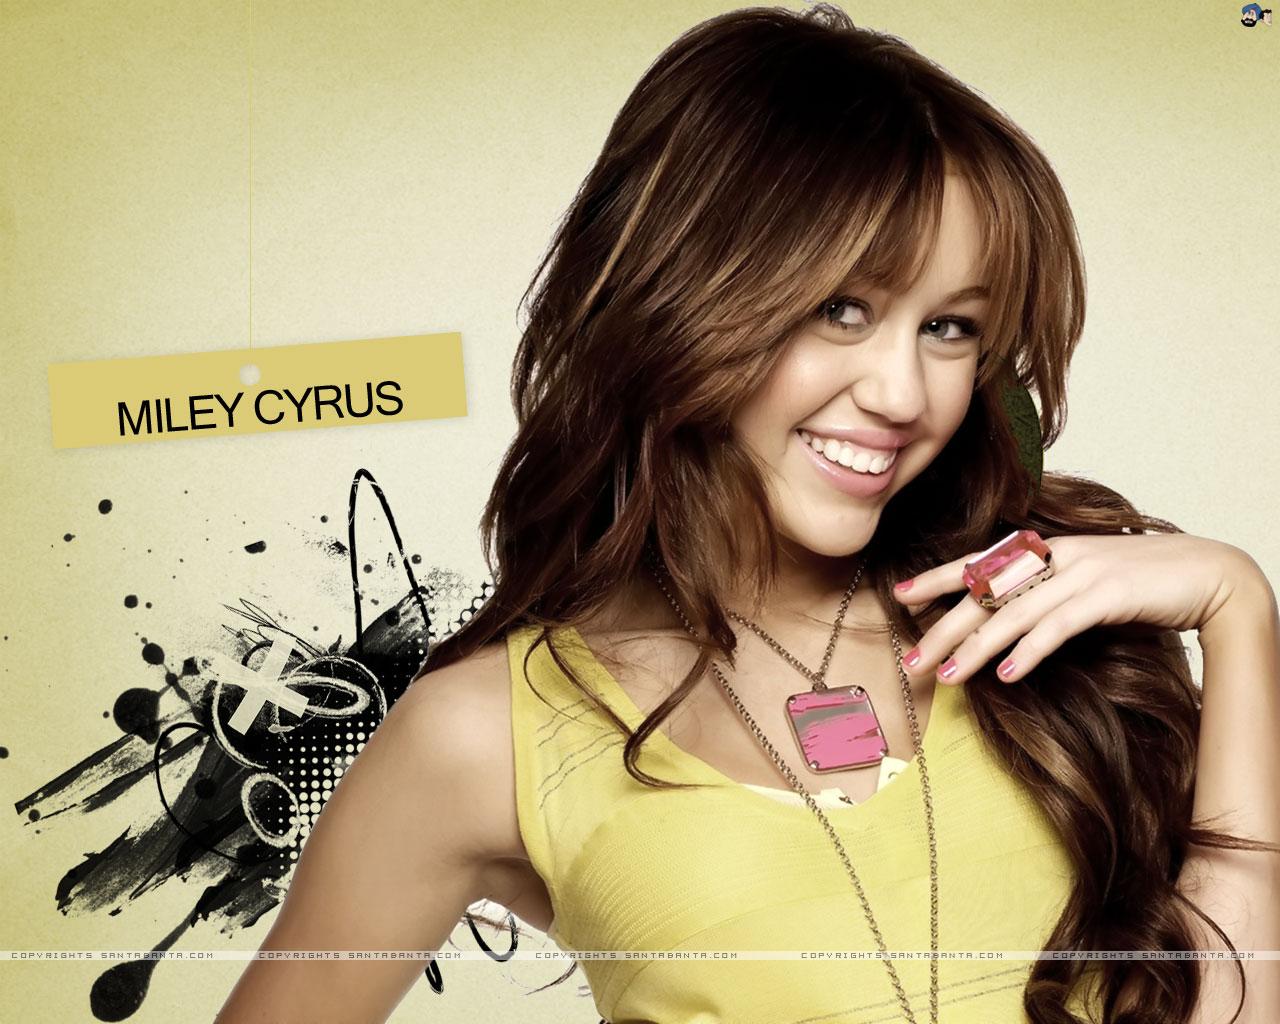 http://3.bp.blogspot.com/-3QhiL__P-a4/UR9UZd6wVXI/AAAAAAAAA44/07Z17_Gw6hc/s1600/Miley+Cyrus+wallpaper+(4).jpg